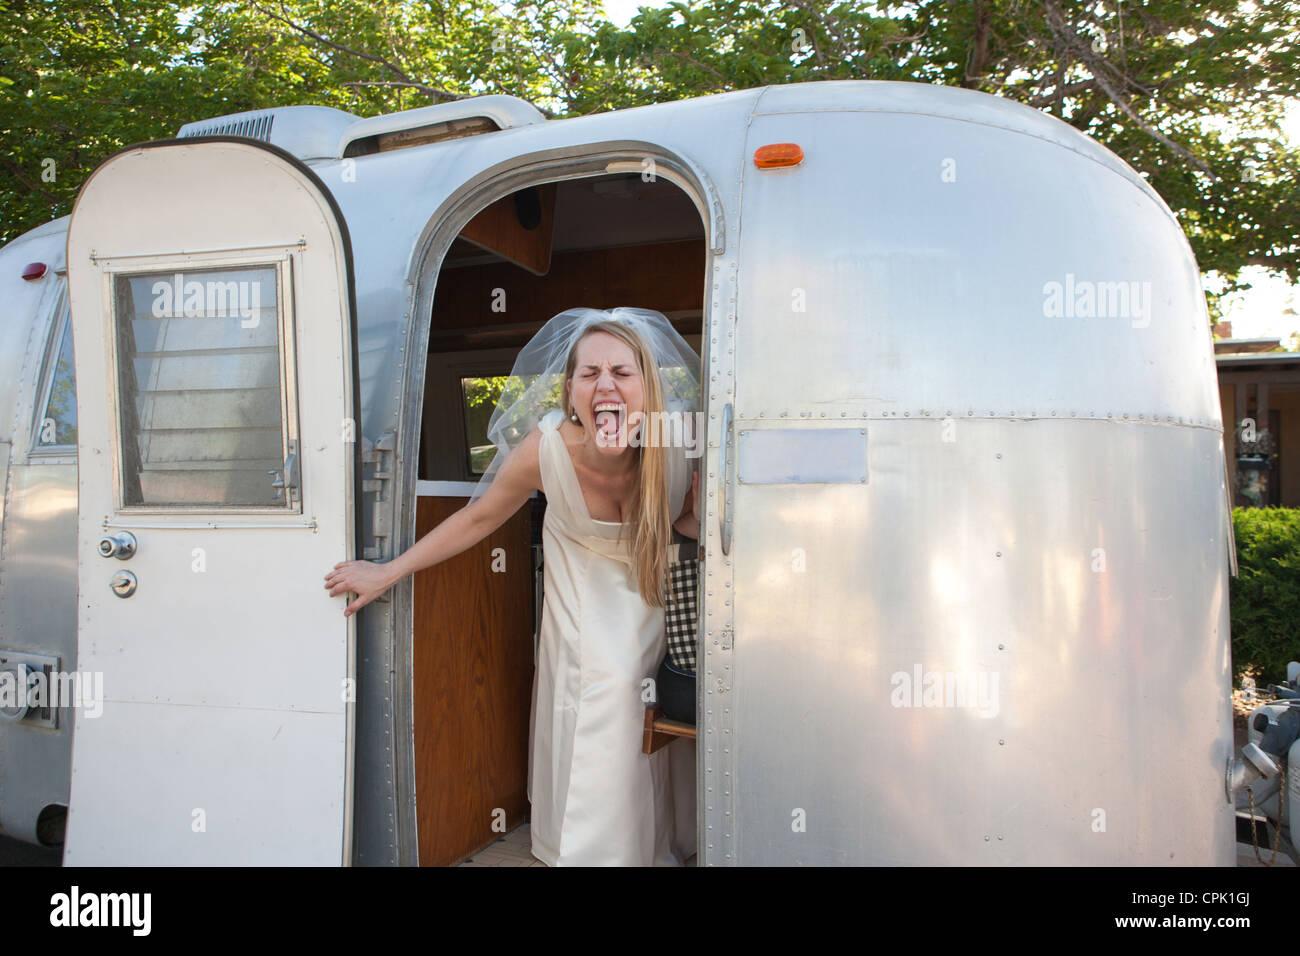 Mariée avec l'excitation de crier à l'intérieur d'une remorque Airstream. Photo Stock